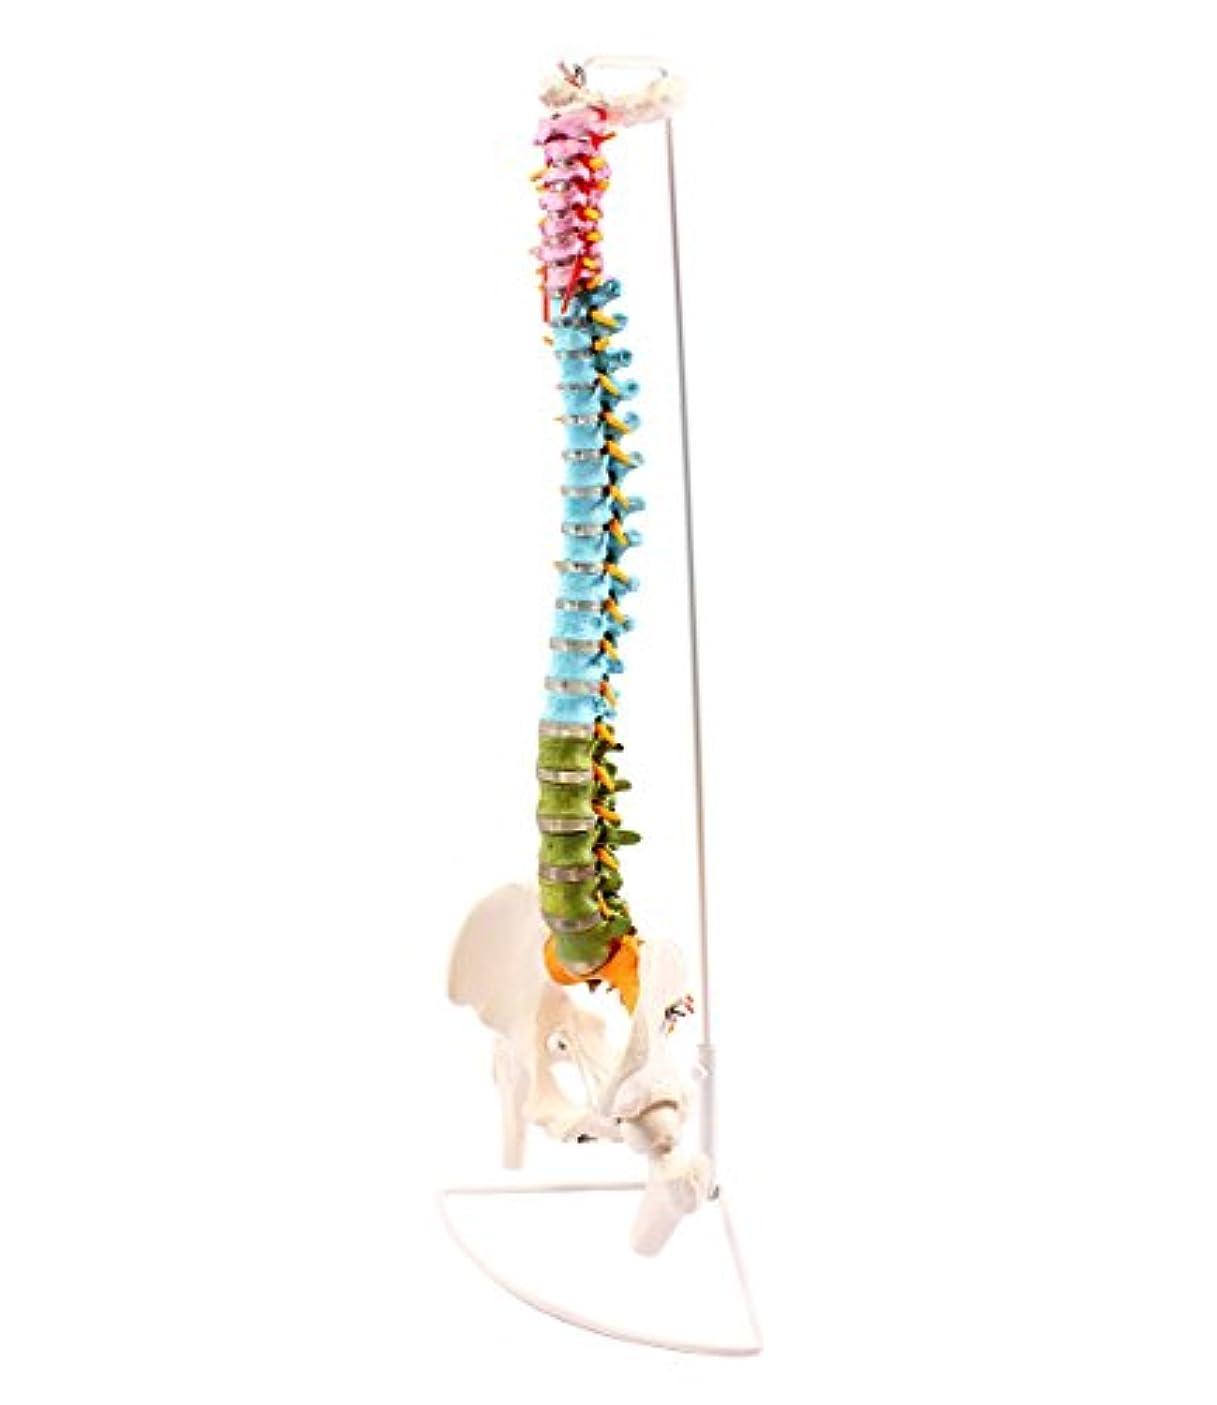 パステル鋼深遠脊椎骨盤模型 実物大 90cm スタンド付き 色分けされています - 1.4530